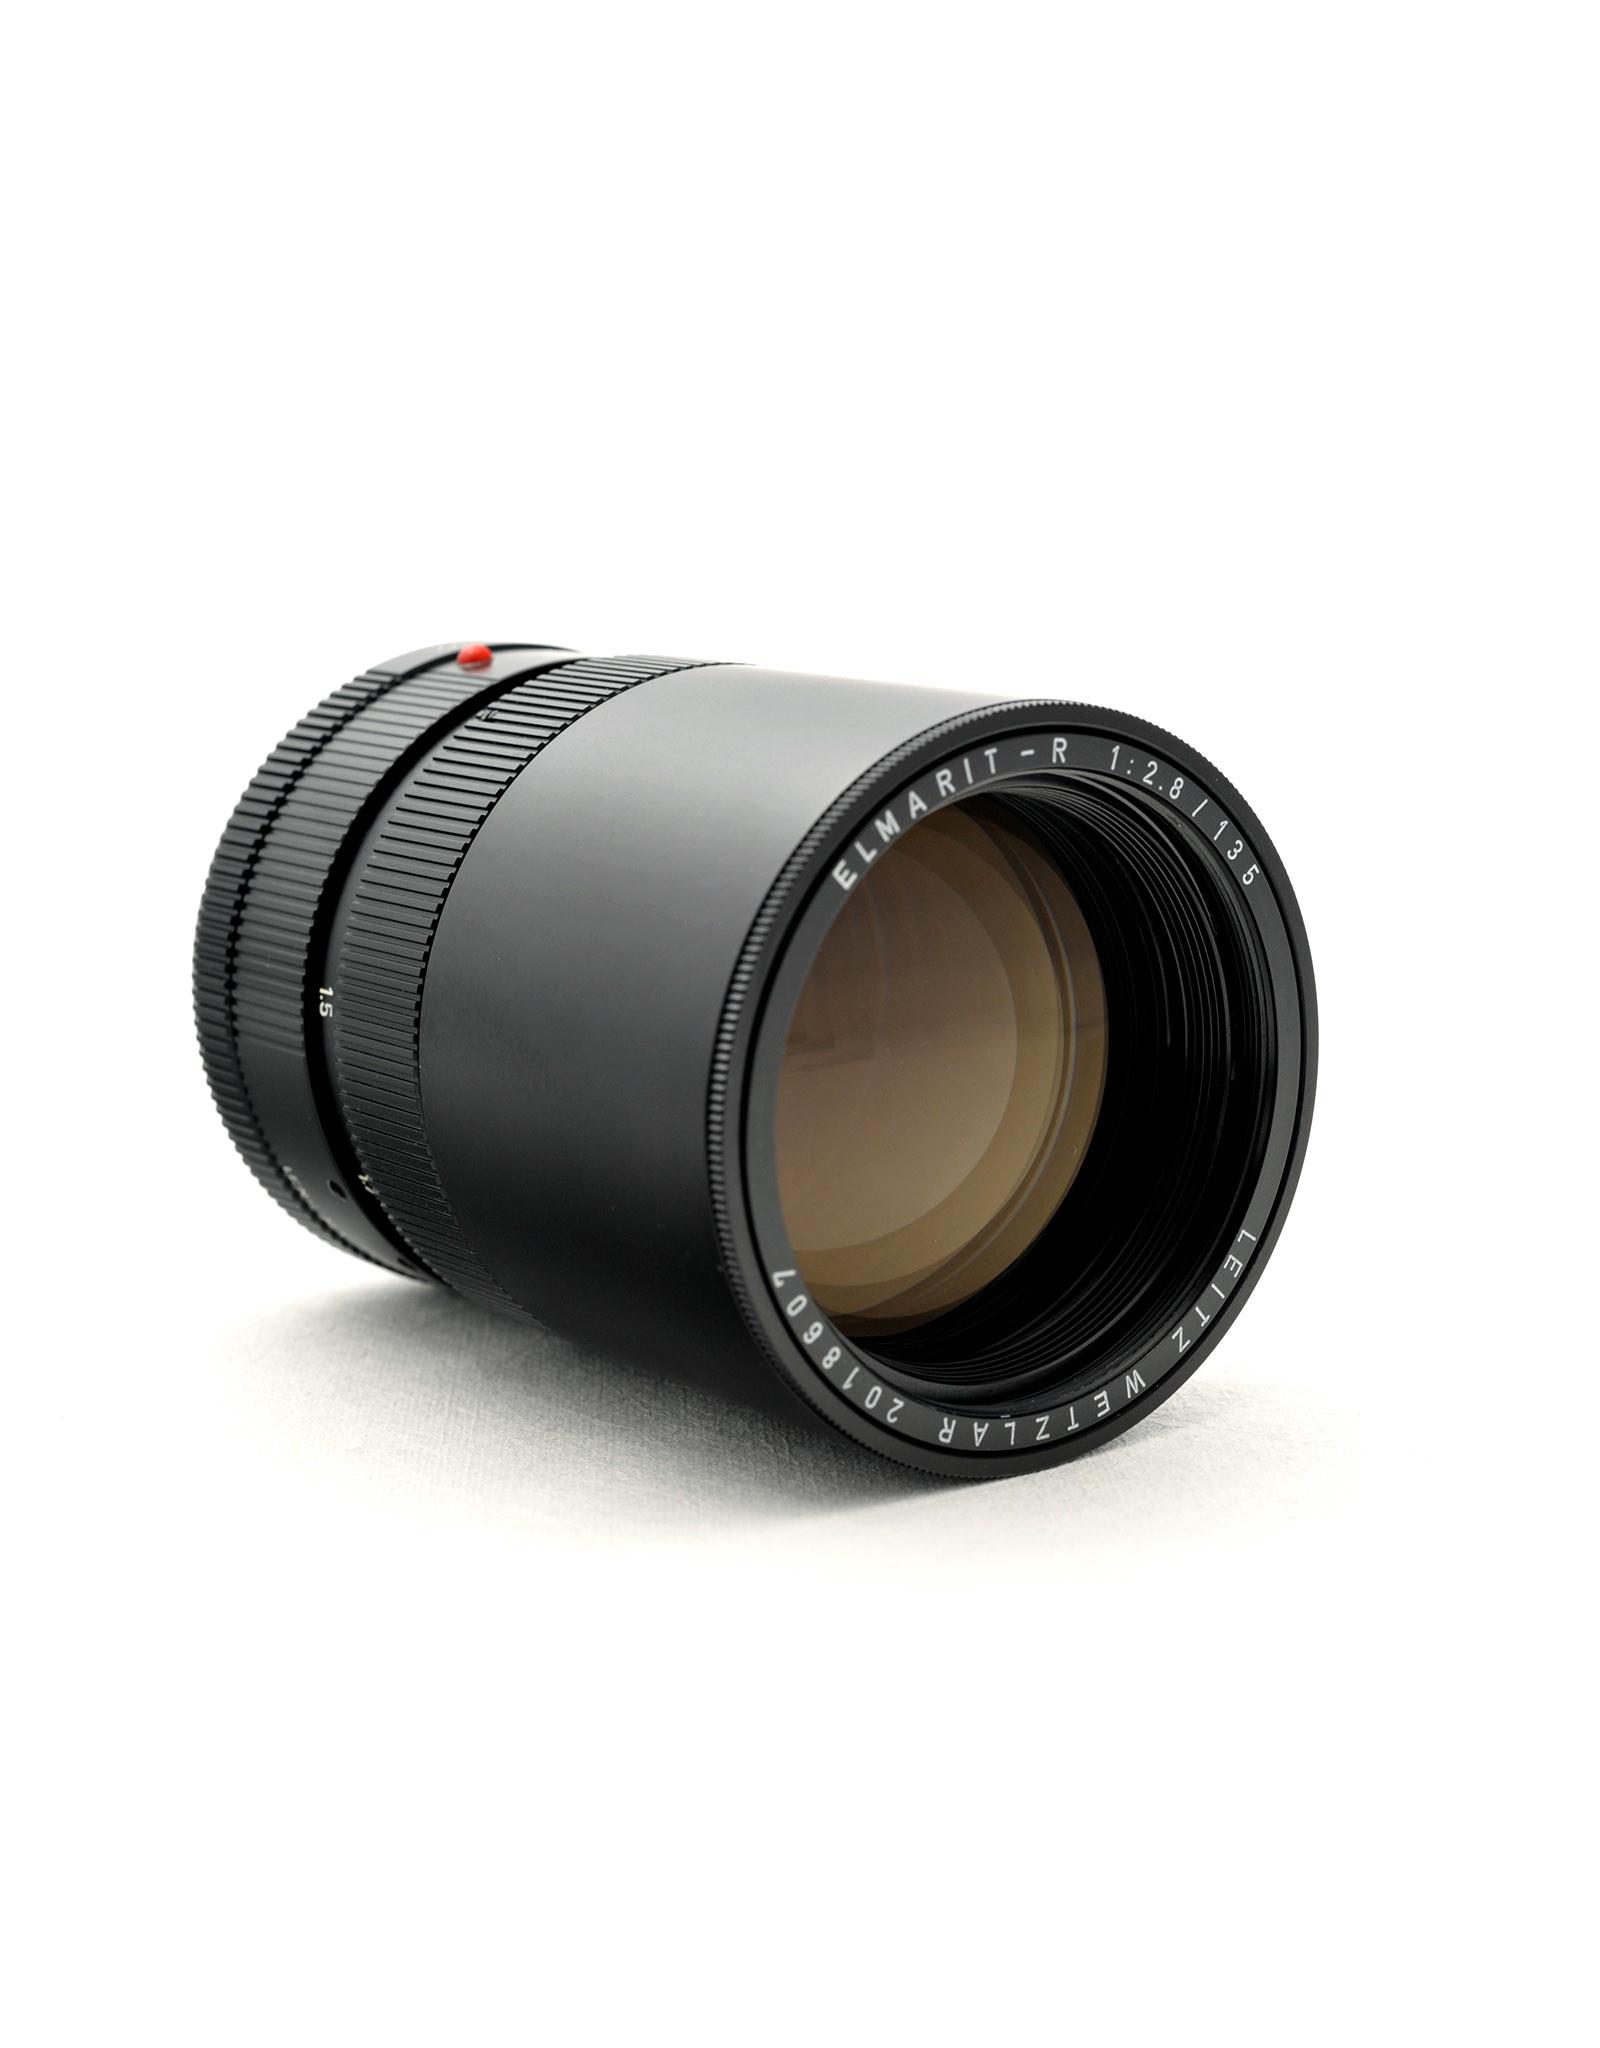 Leica Leica 135mm f2.8 Elmarit-R 3 Cam   AP2101607